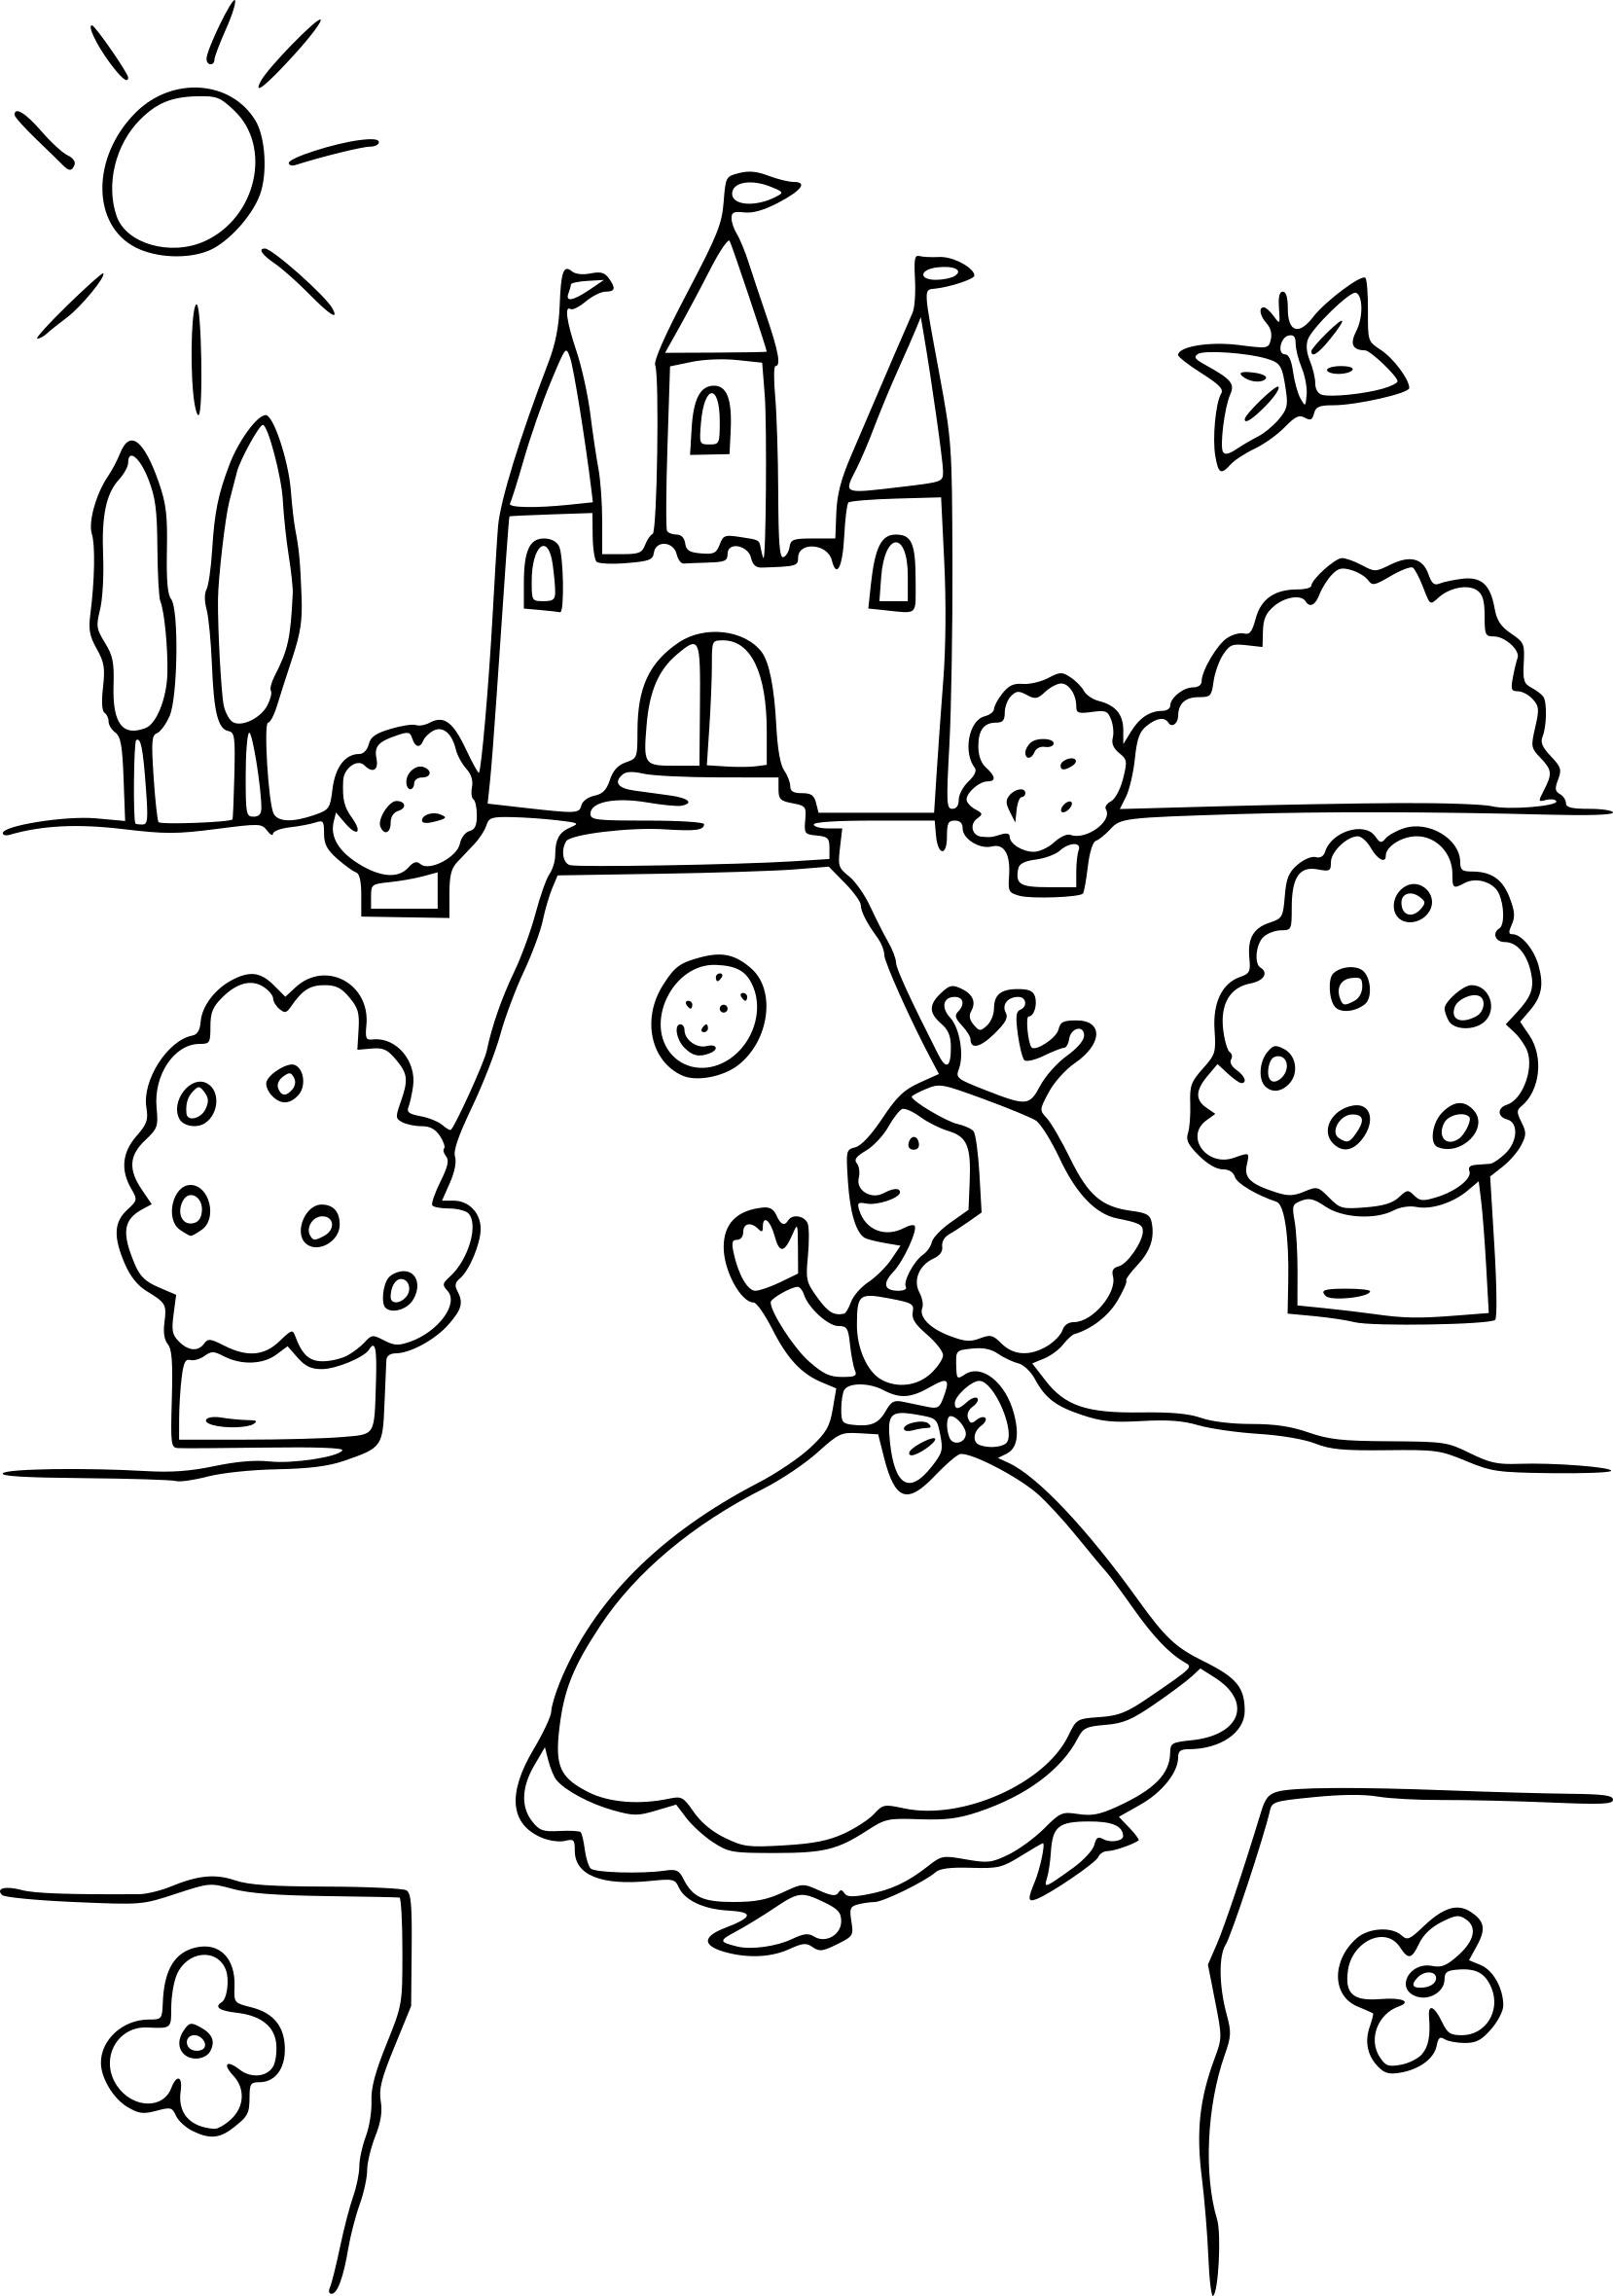 Coloriage Princesse Chateau À Imprimer Sur Coloriages à Chateau Princesse Dessin